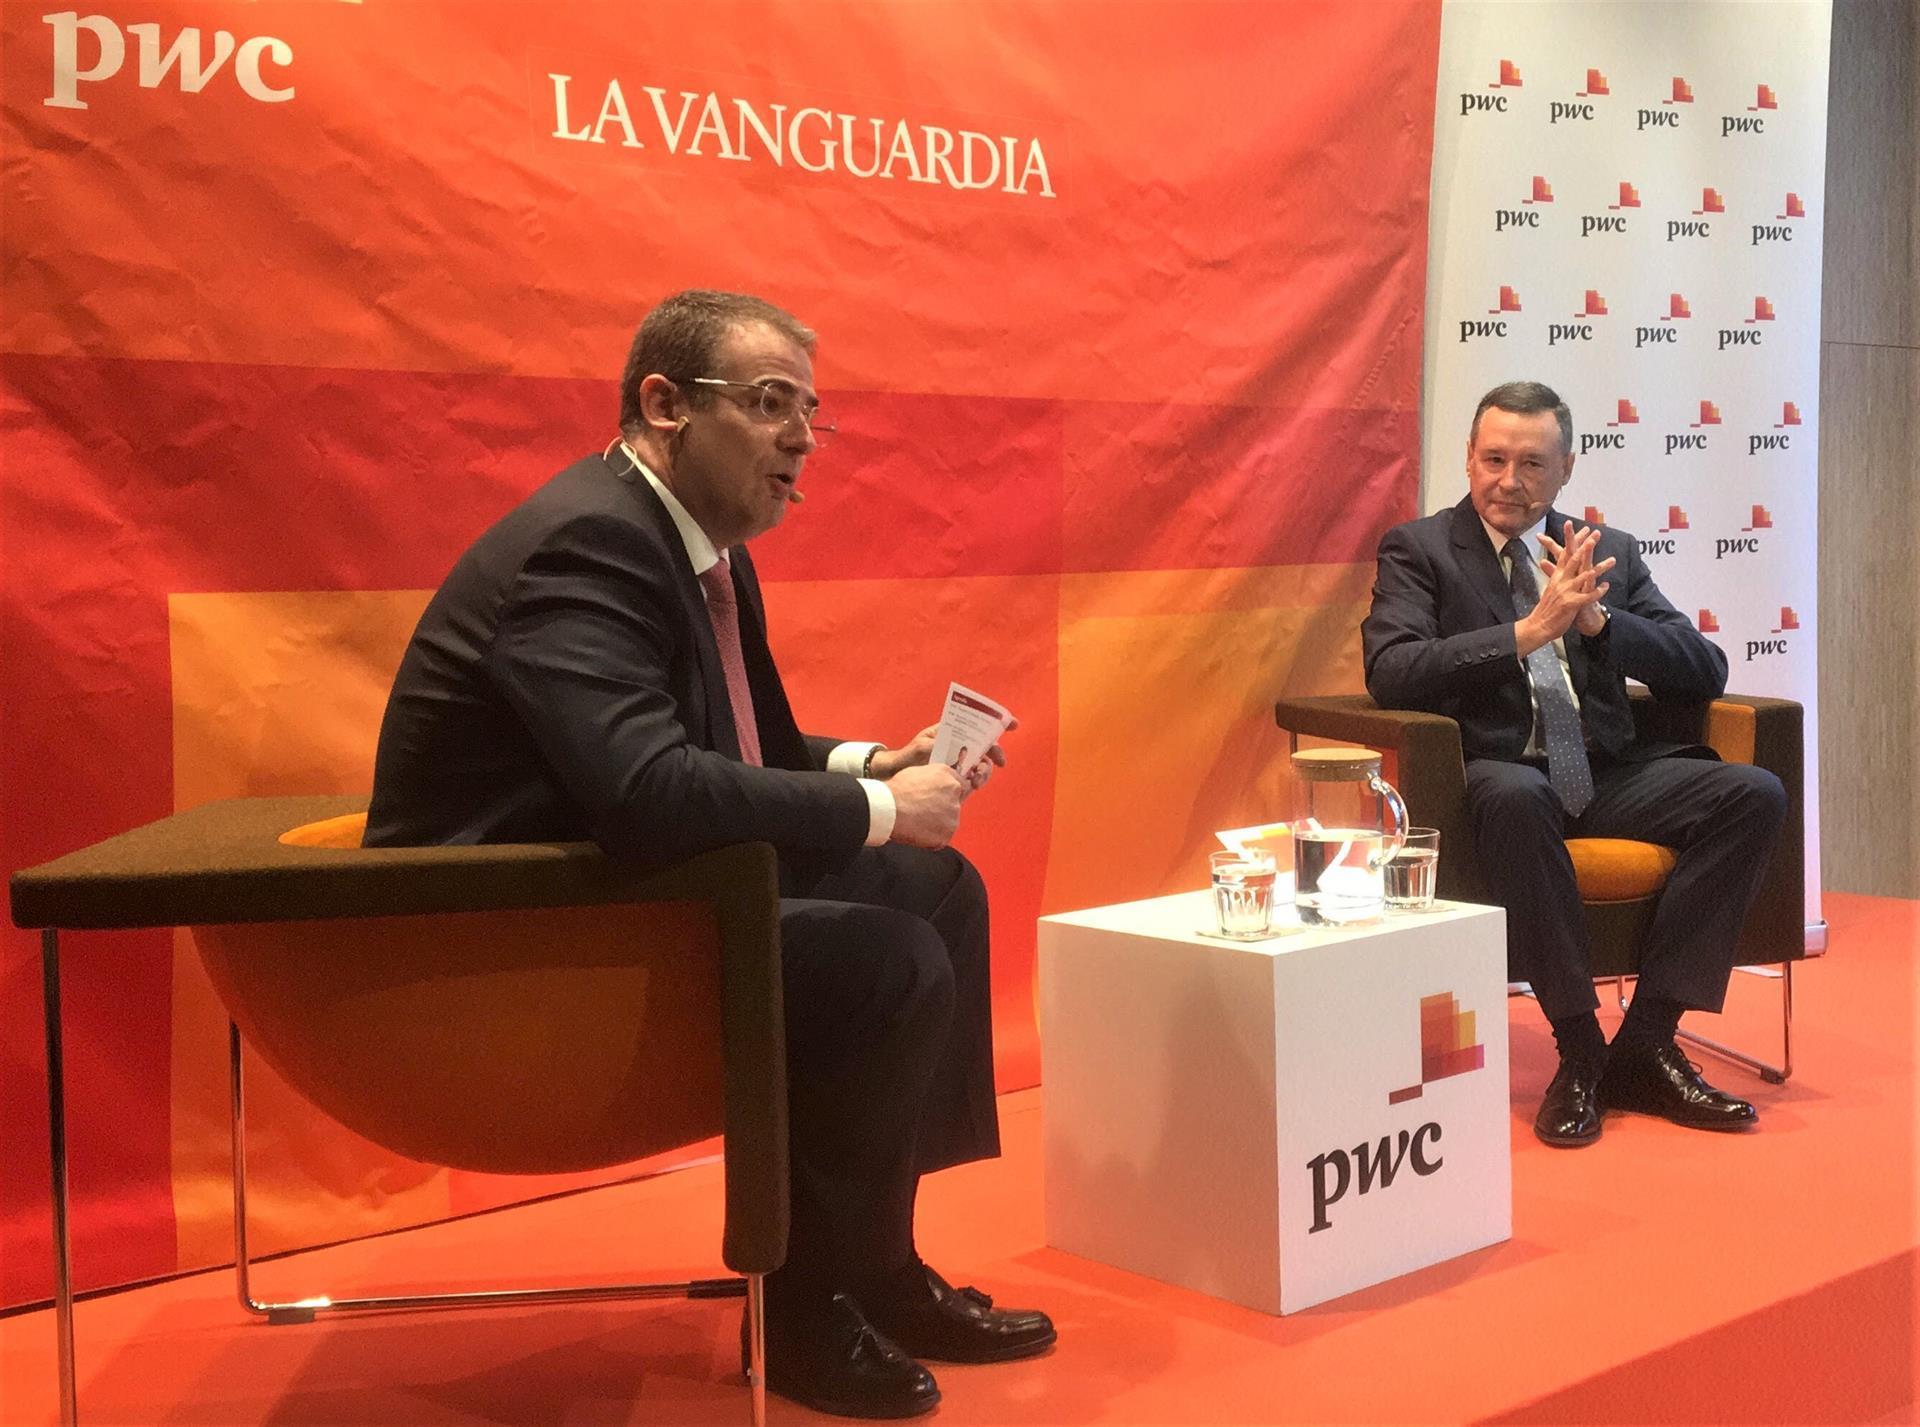 El president d'Agbar, Ángel Simón, durant la seva intervenció als 'PwC Talks La Vanguardia'